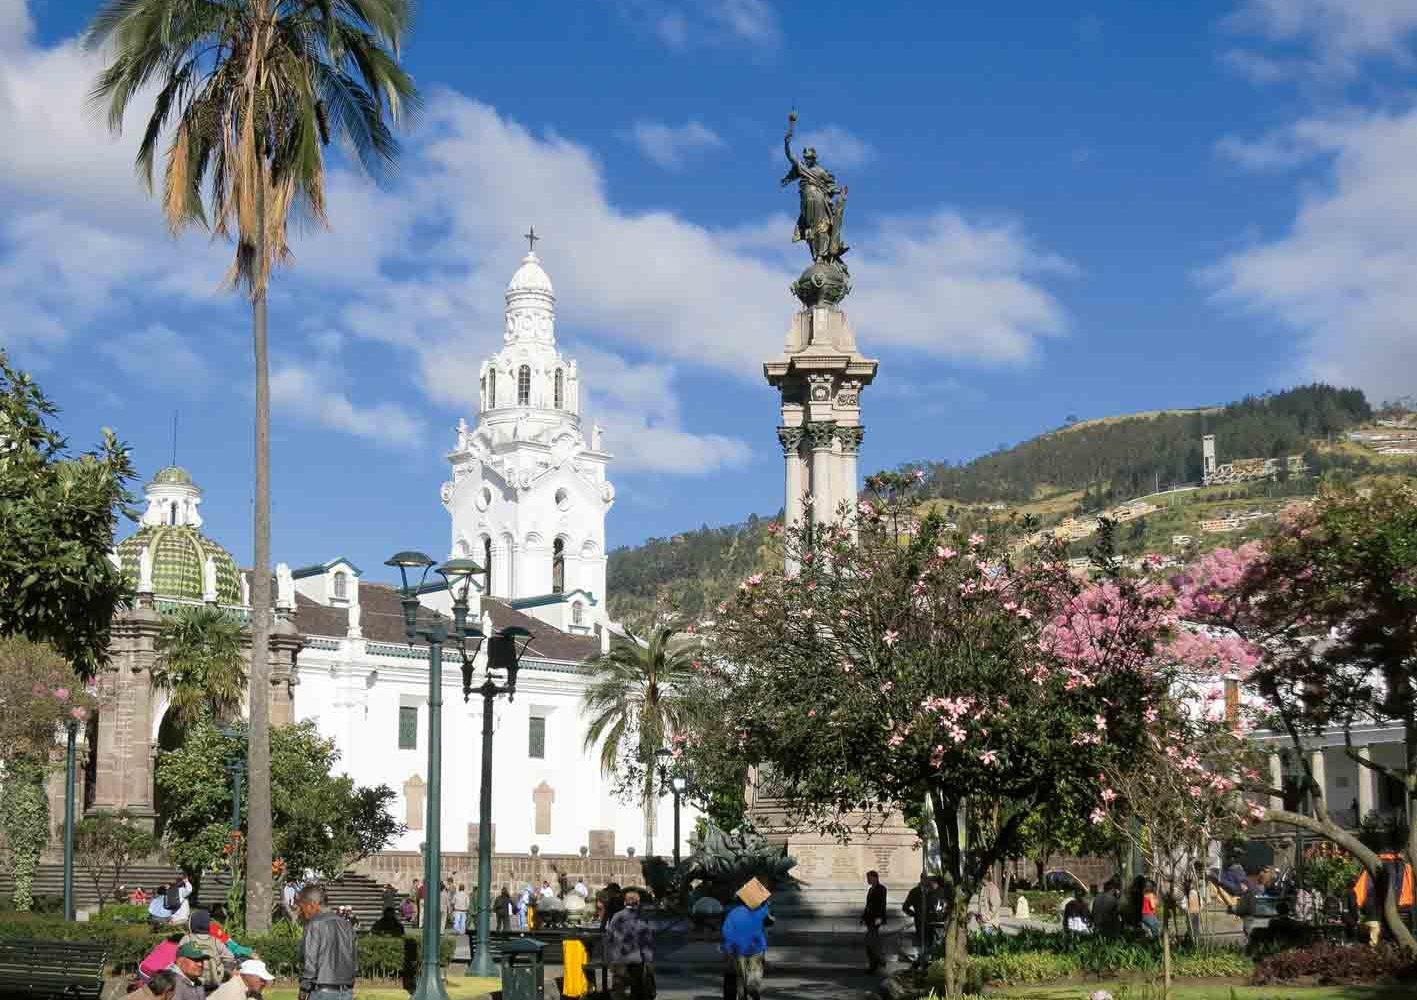 Plaza de Armas in Quito, Ecuador